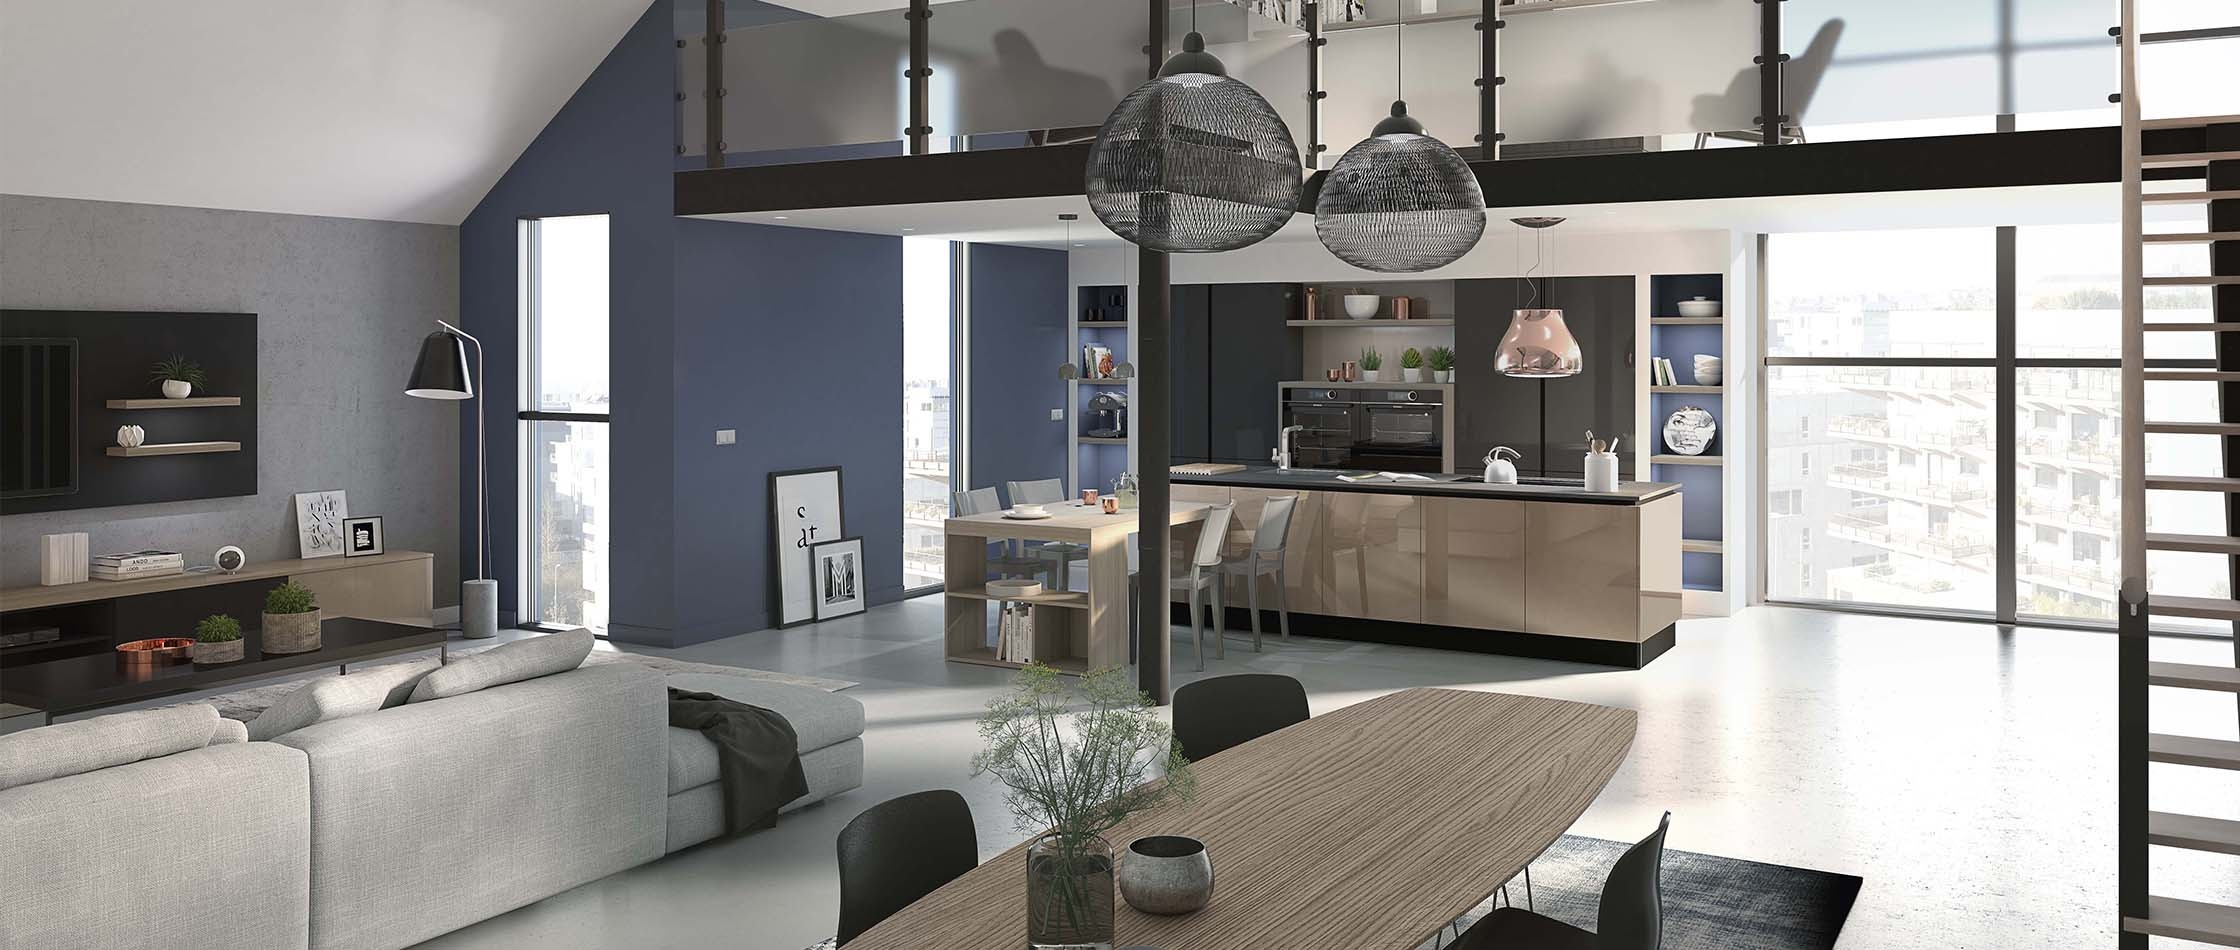 Comera cuisines cuisiniste francais cuisine quip e am nag e - Fabricant de cuisine en france ...